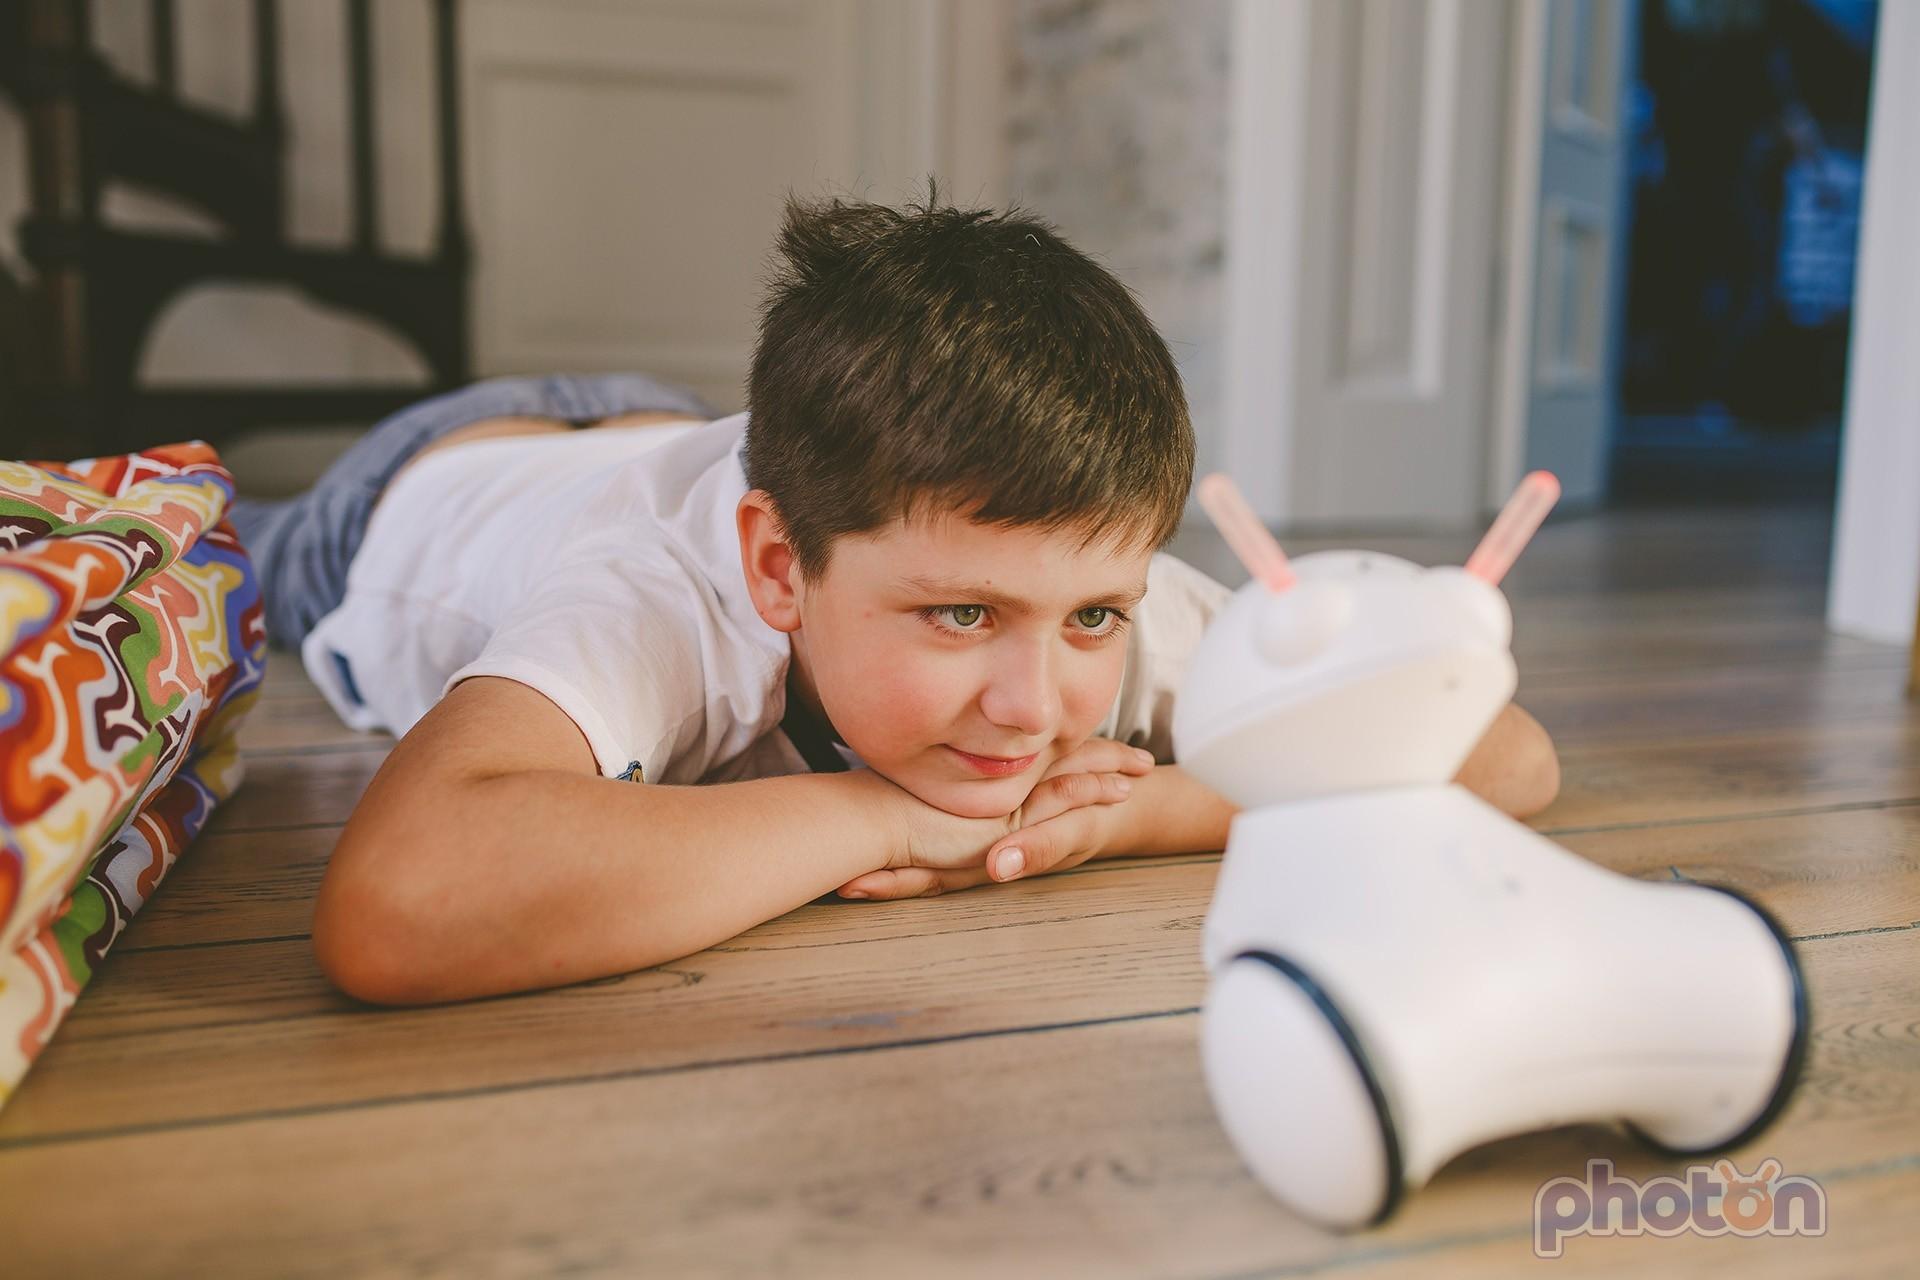 Polski robot uczy dzieci programowania i już robi furorę na świecie